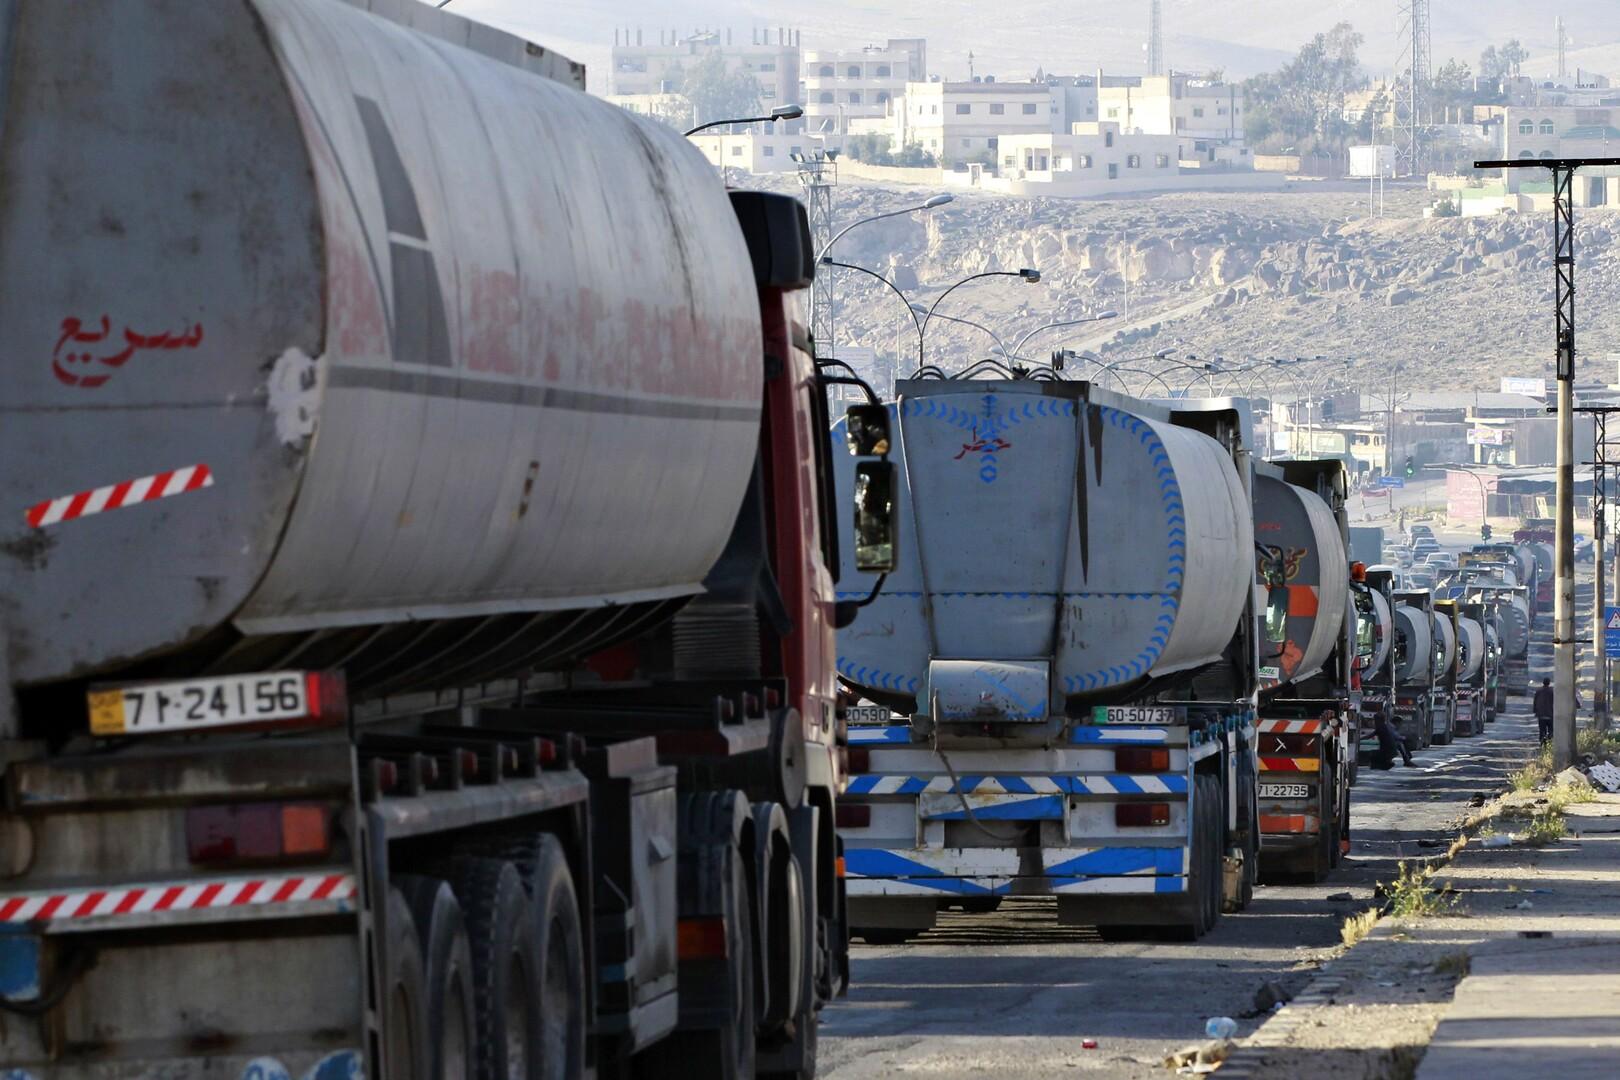 بعد انقطاع 5 سنوات.. وصول أولى شحنات النفط العراقي إلى الأردن